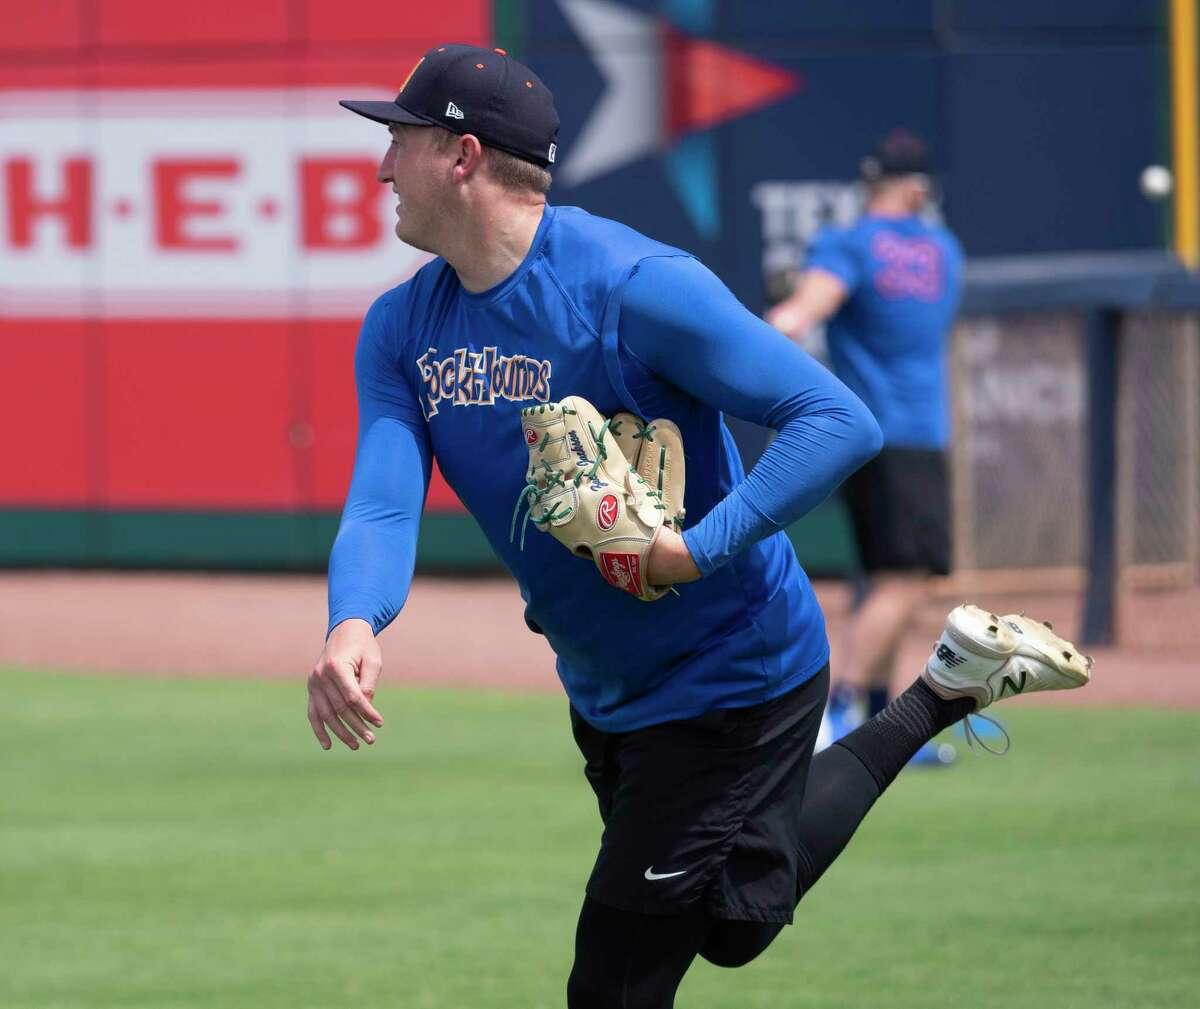 RockHounds relief pitcher Zach Jackson warms up 06/04/2021 at Momentum Bank Ballpark. Tim Fischer/Reporter-Telegram